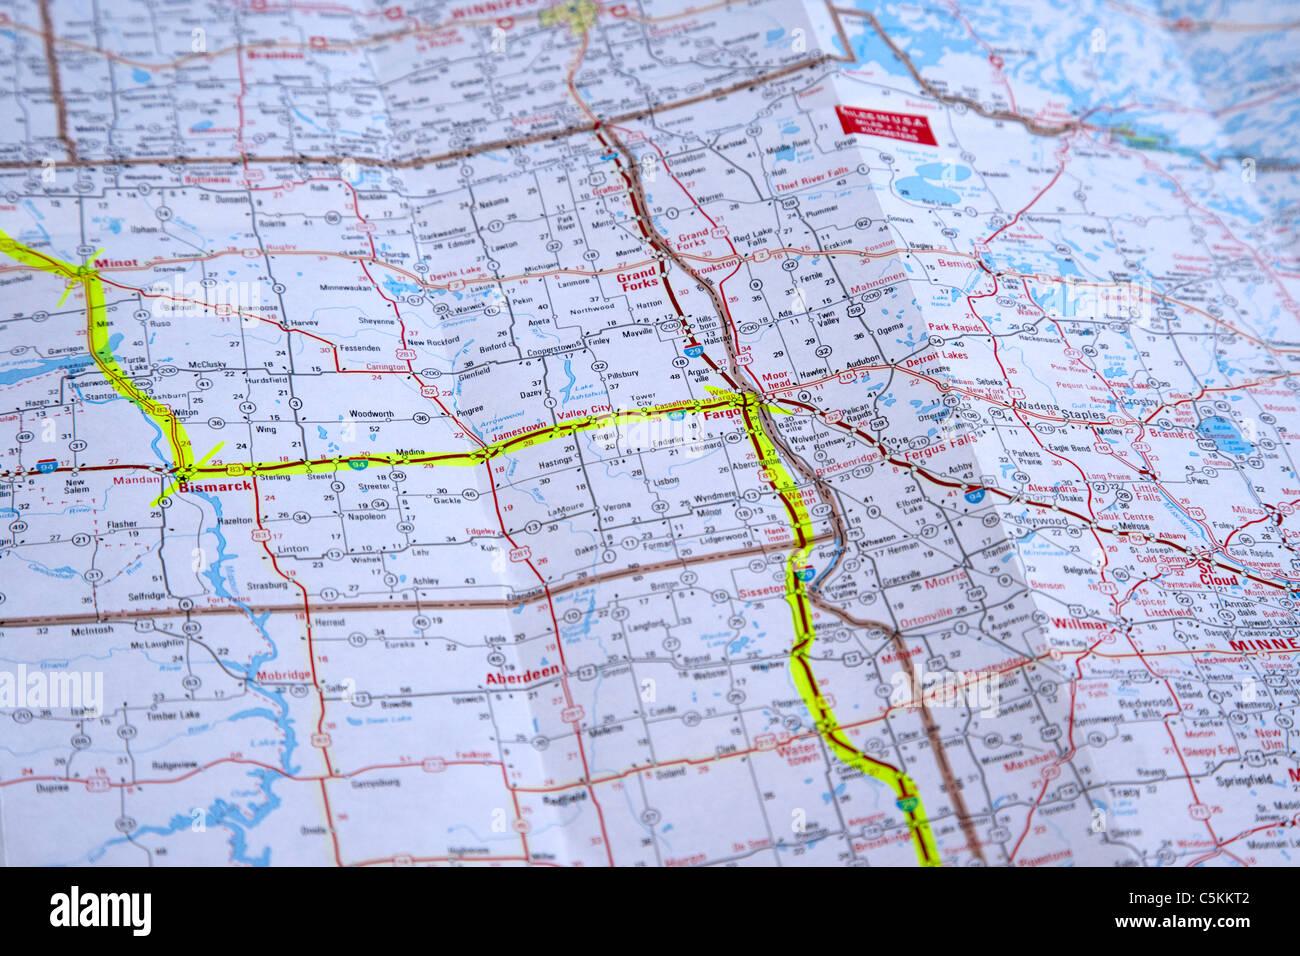 Karte Usa Westen.Karte Der Staaten Im Mittleren Westen Der Usa Mit Route Geplant In